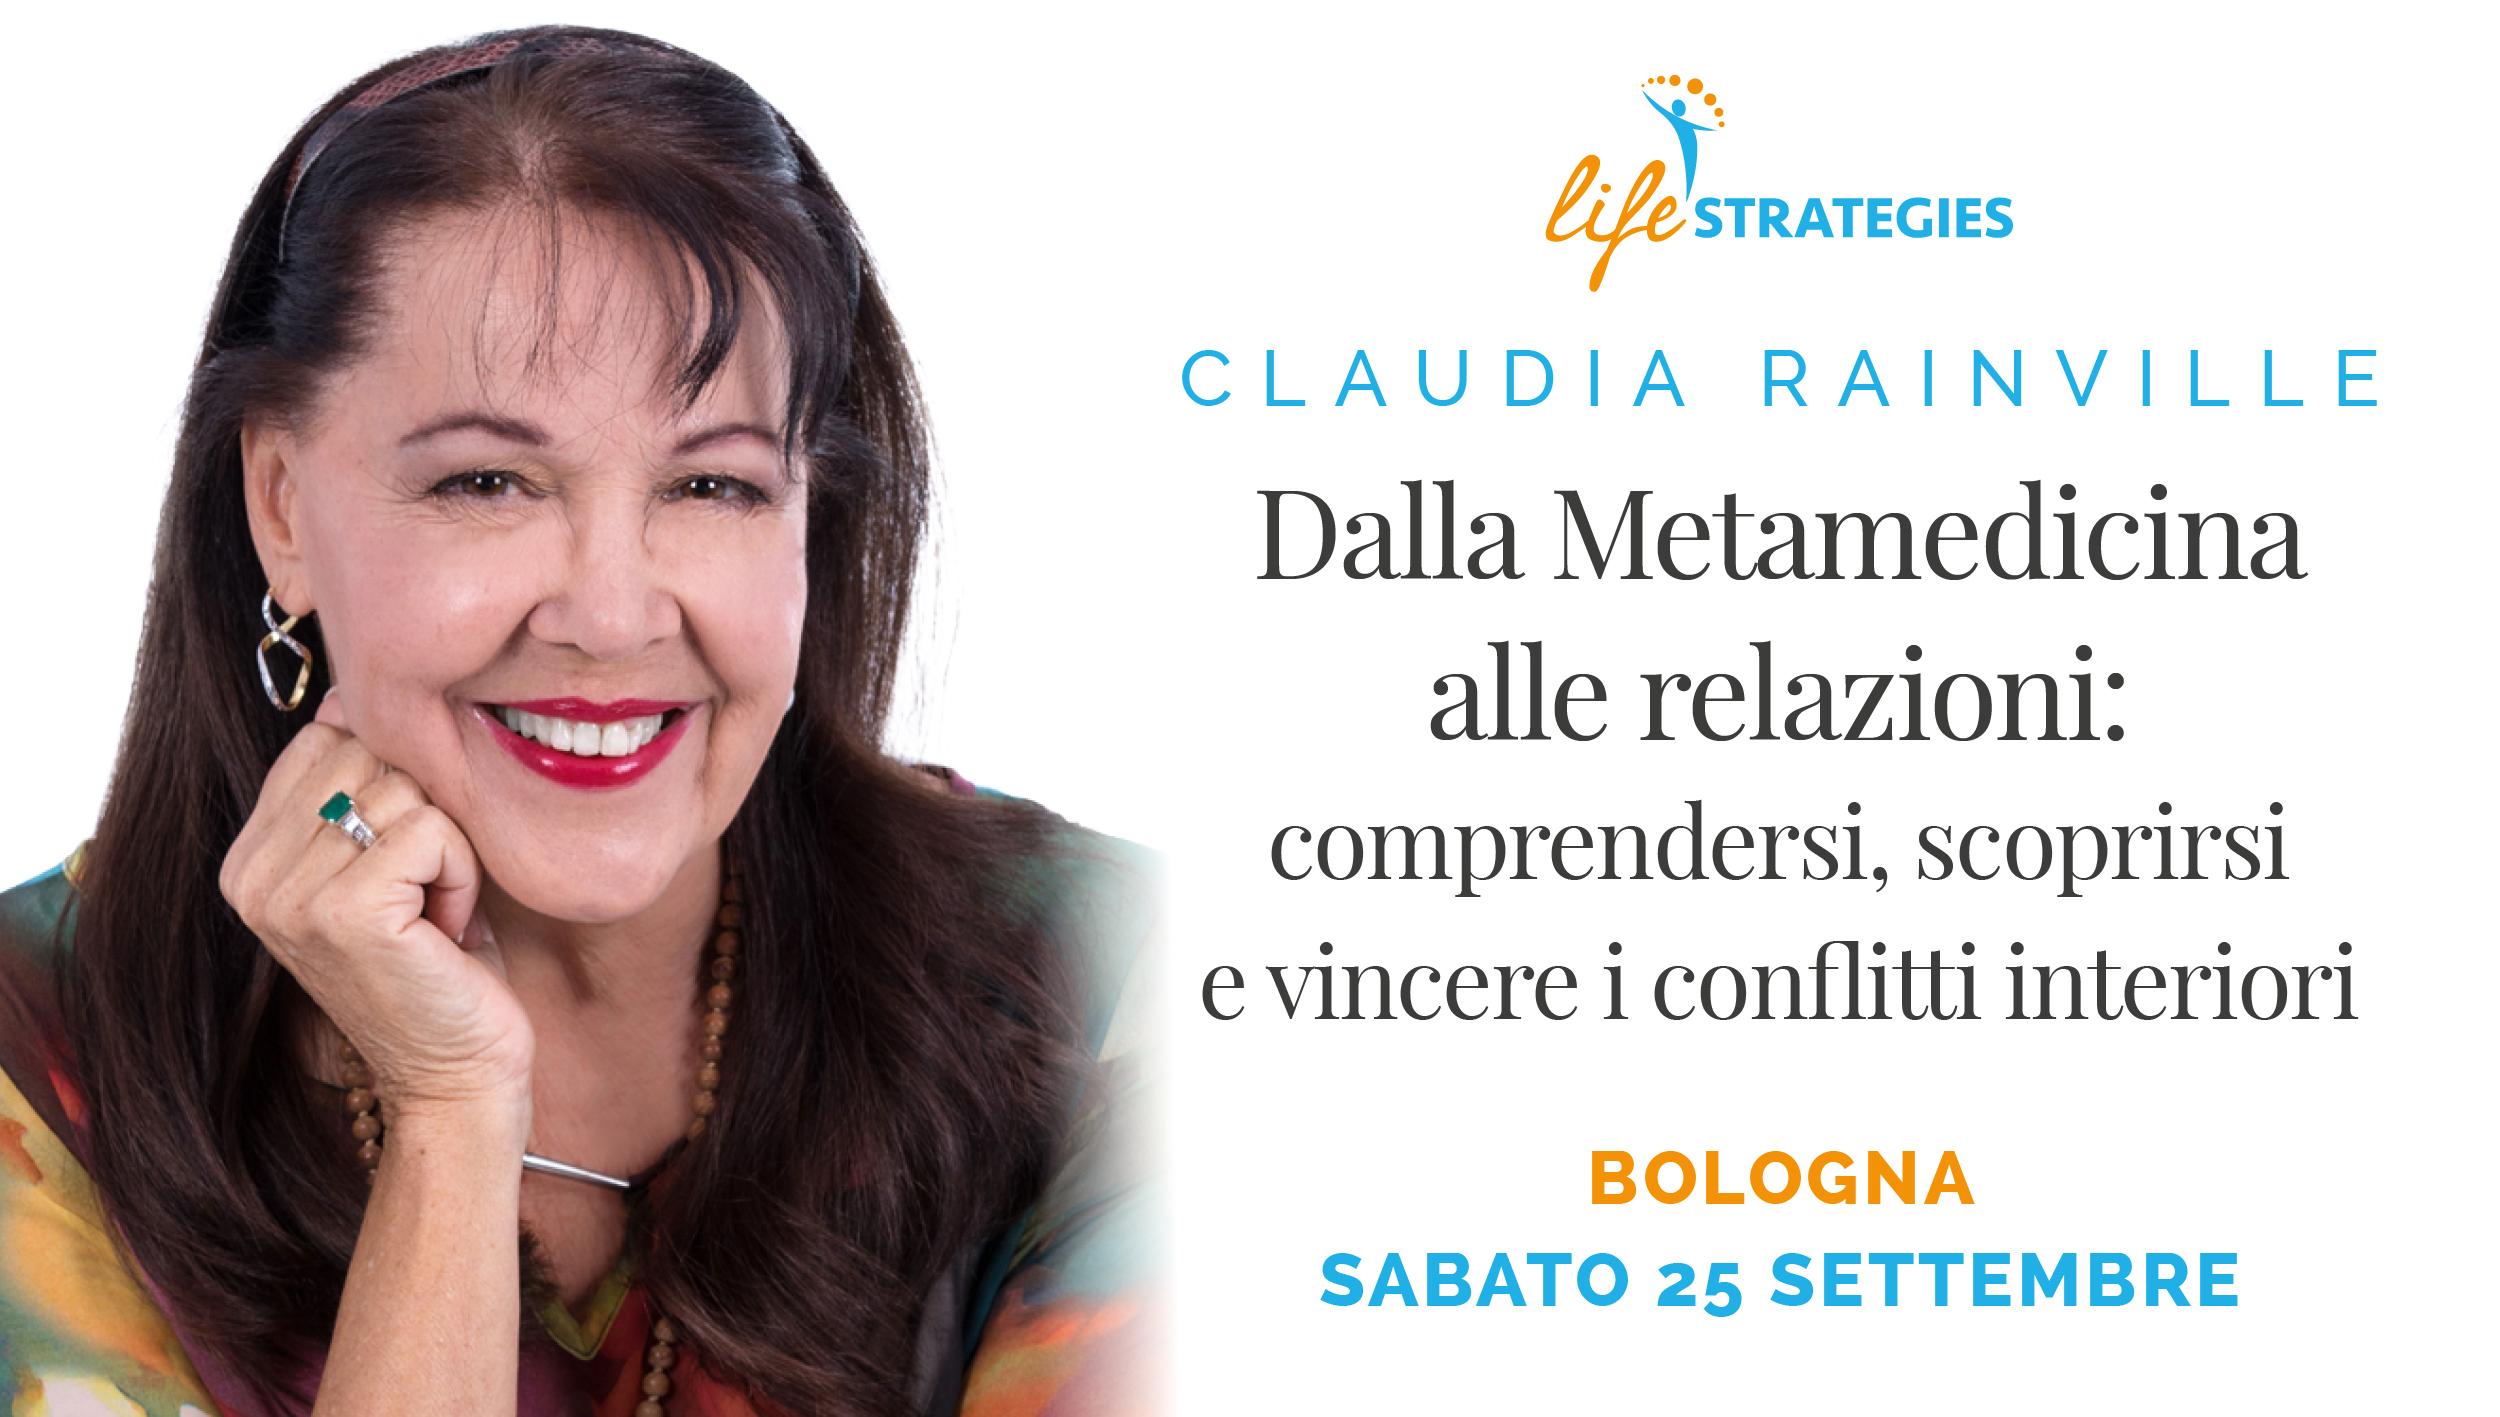 DALLA METAMEDICINA ALLE RELAZIONI - CLAUDIA RAINVILLE